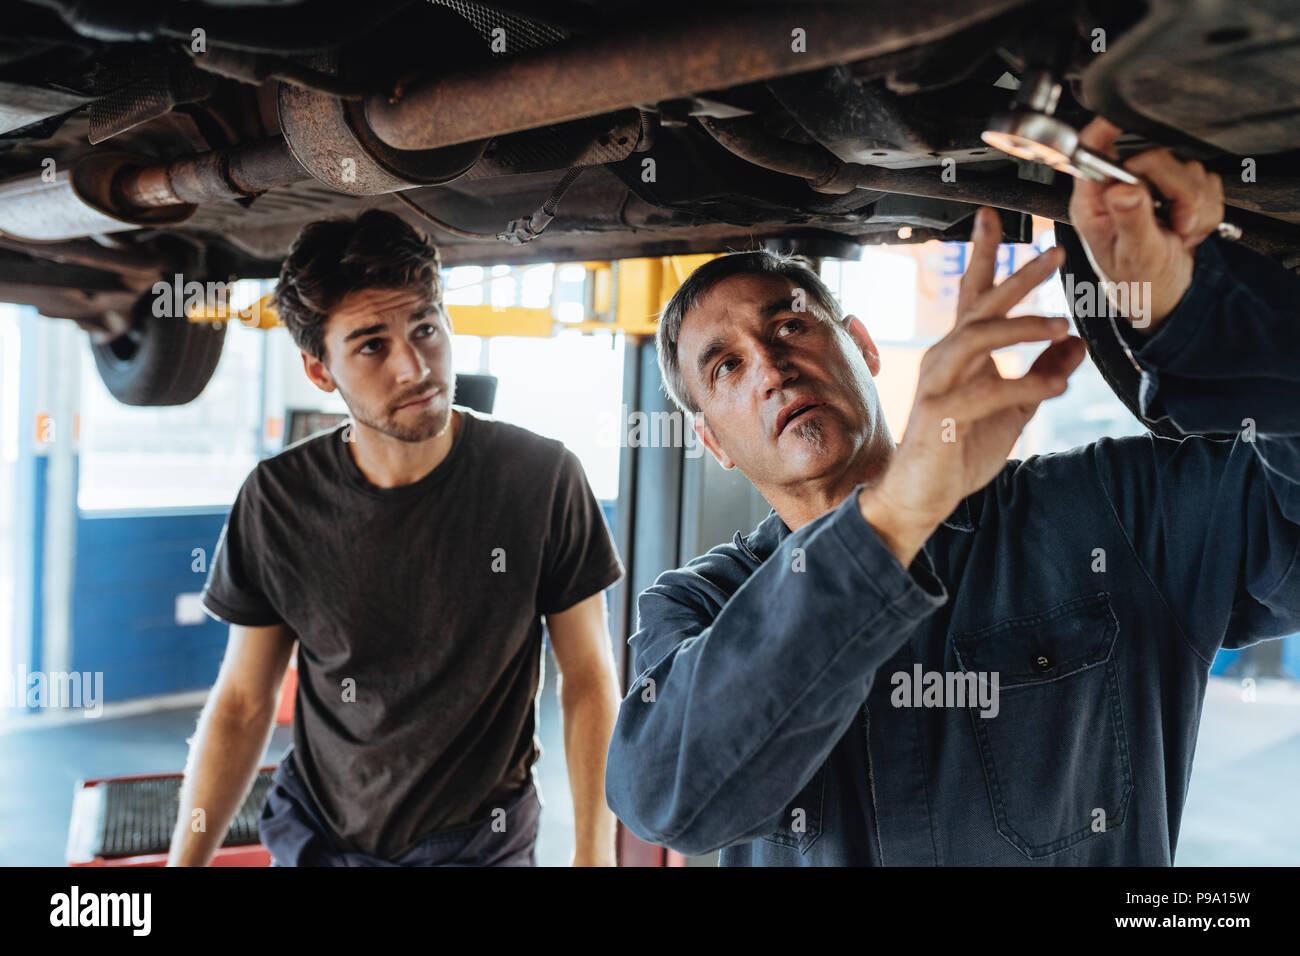 Mécanicien mâles matures discuter et montrant quelque chose sous la voiture d'un collègue. Mâle et mécanicien stagiaire travaillant sous voiture accompagné Photo Stock